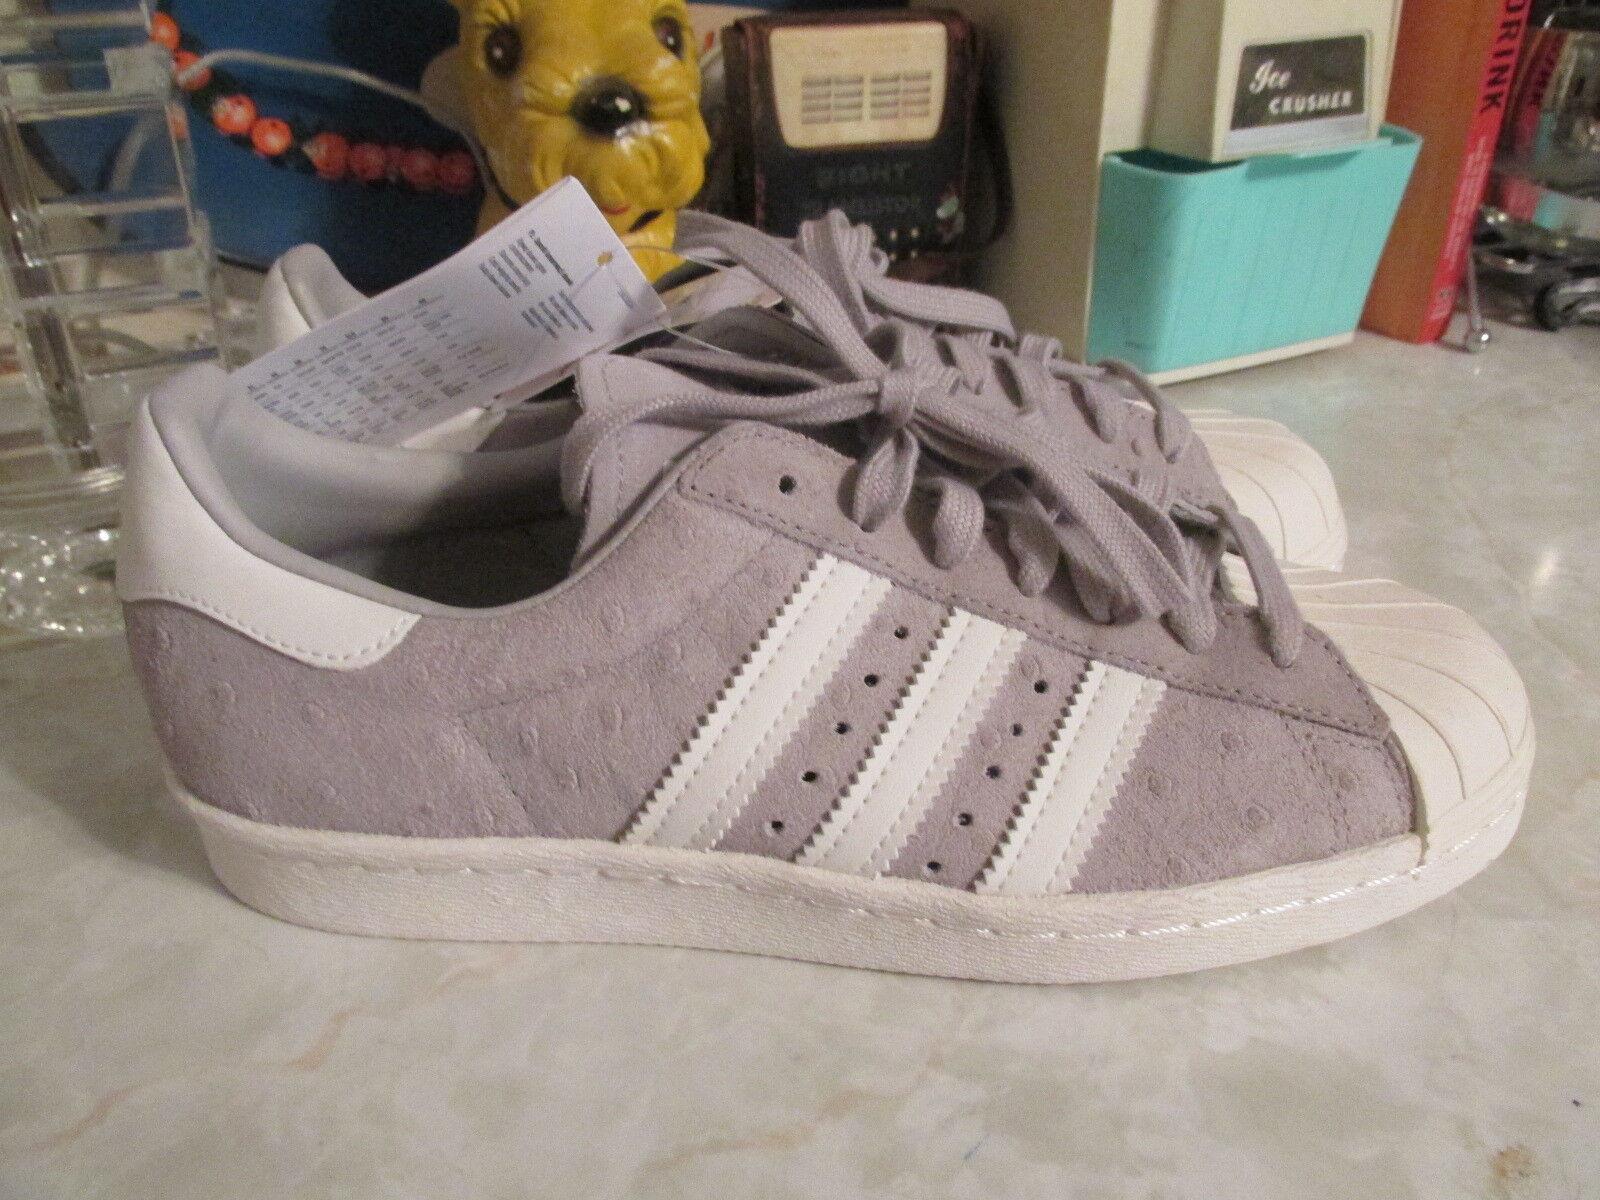 Adidas Originals Superstar 80 estilo avestruz plano gris / / cuero plano avestruz 6,5 barata y bonita de moda zapatillas 4410b2